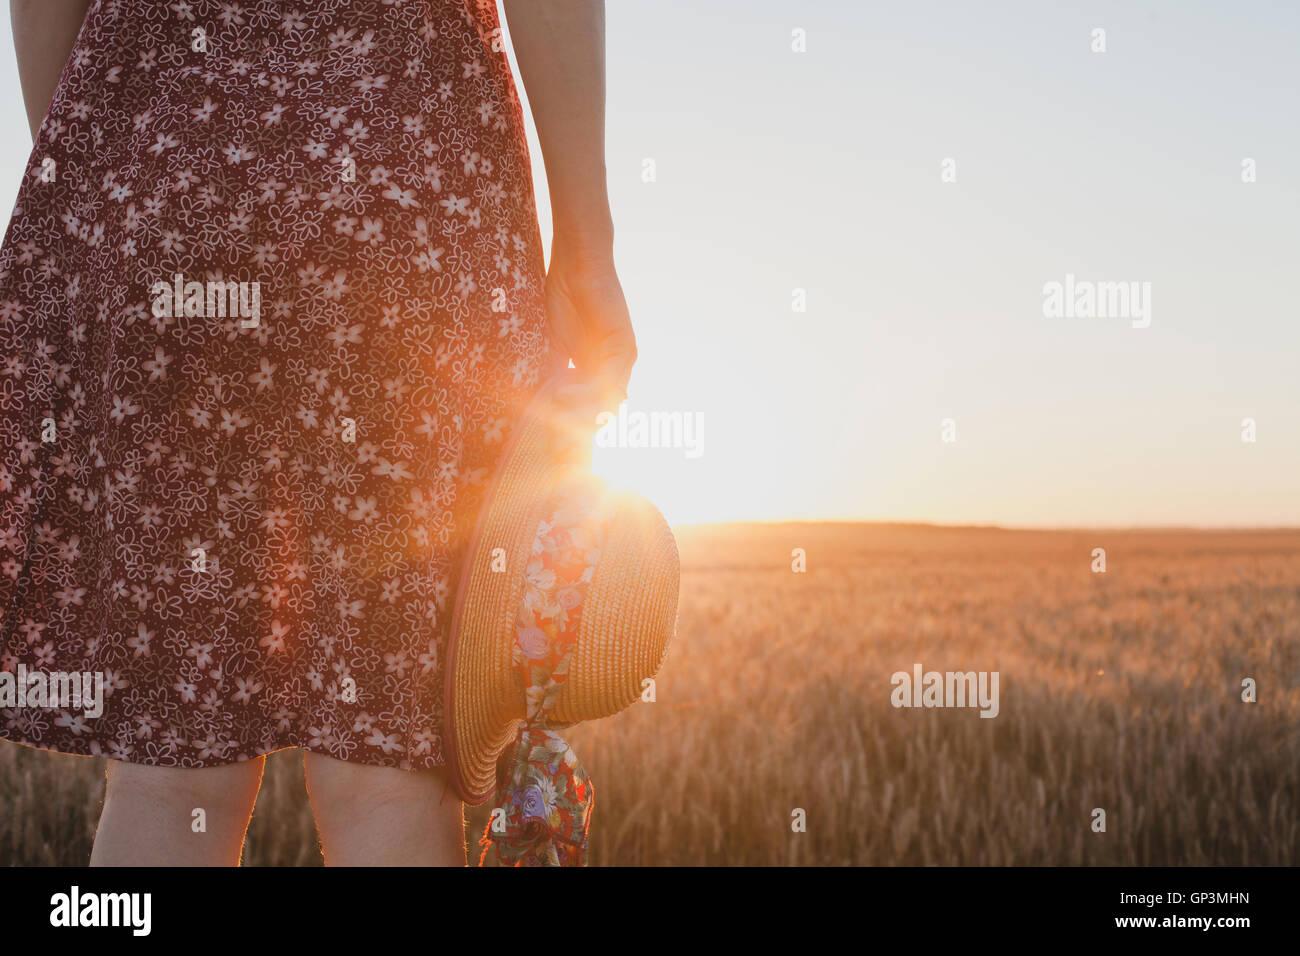 Addio o il concetto di attesa, estate tramonto, donna mano azienda hat Immagini Stock